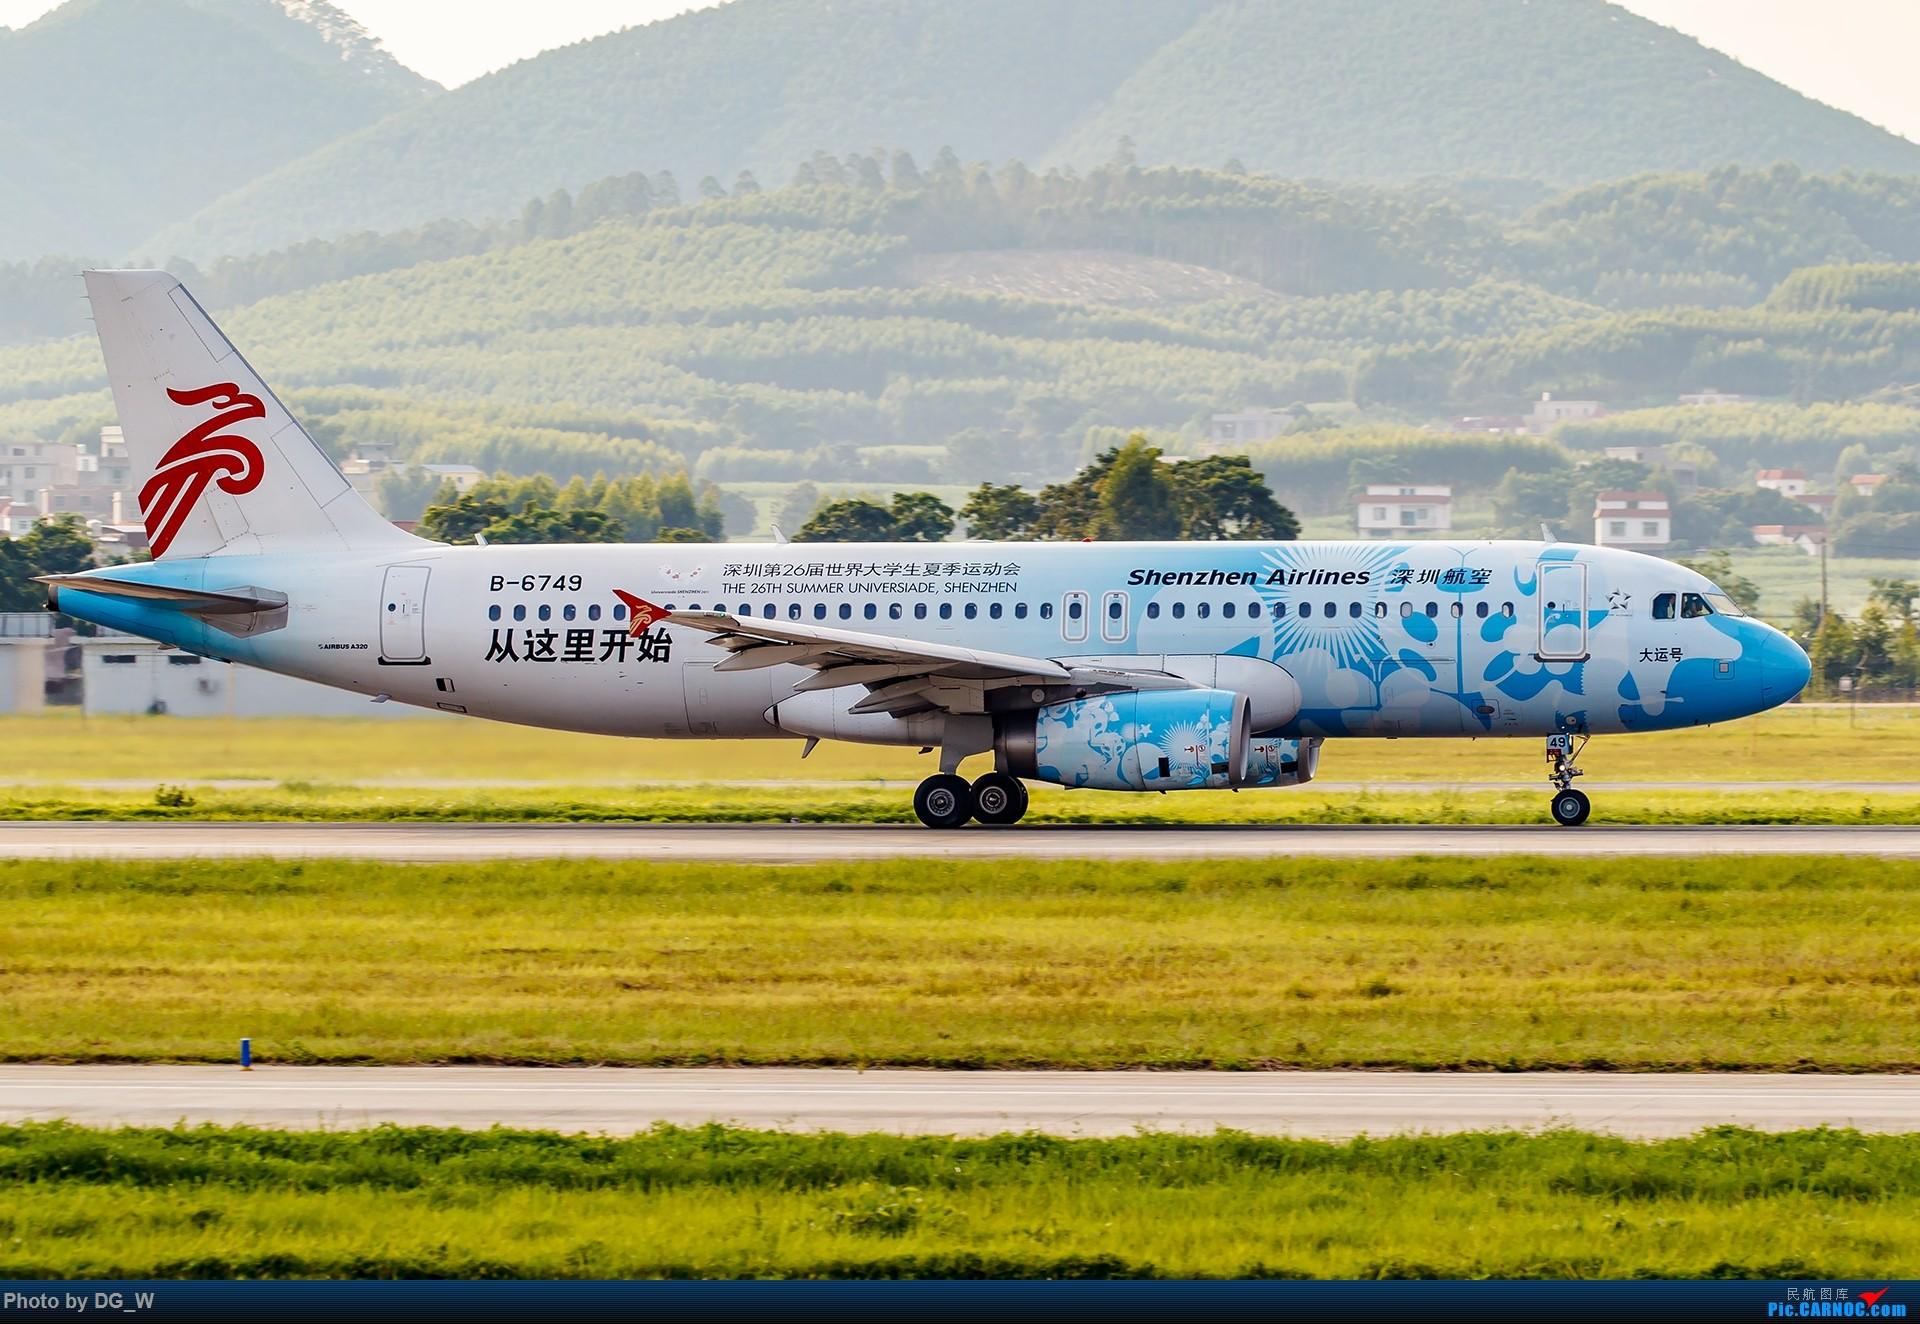 Re:[原创]【南宁飞友】难得的23跑道落地视角和宽体机 AIRBUS A320-200 B-6749 中国南宁吴圩国际机场